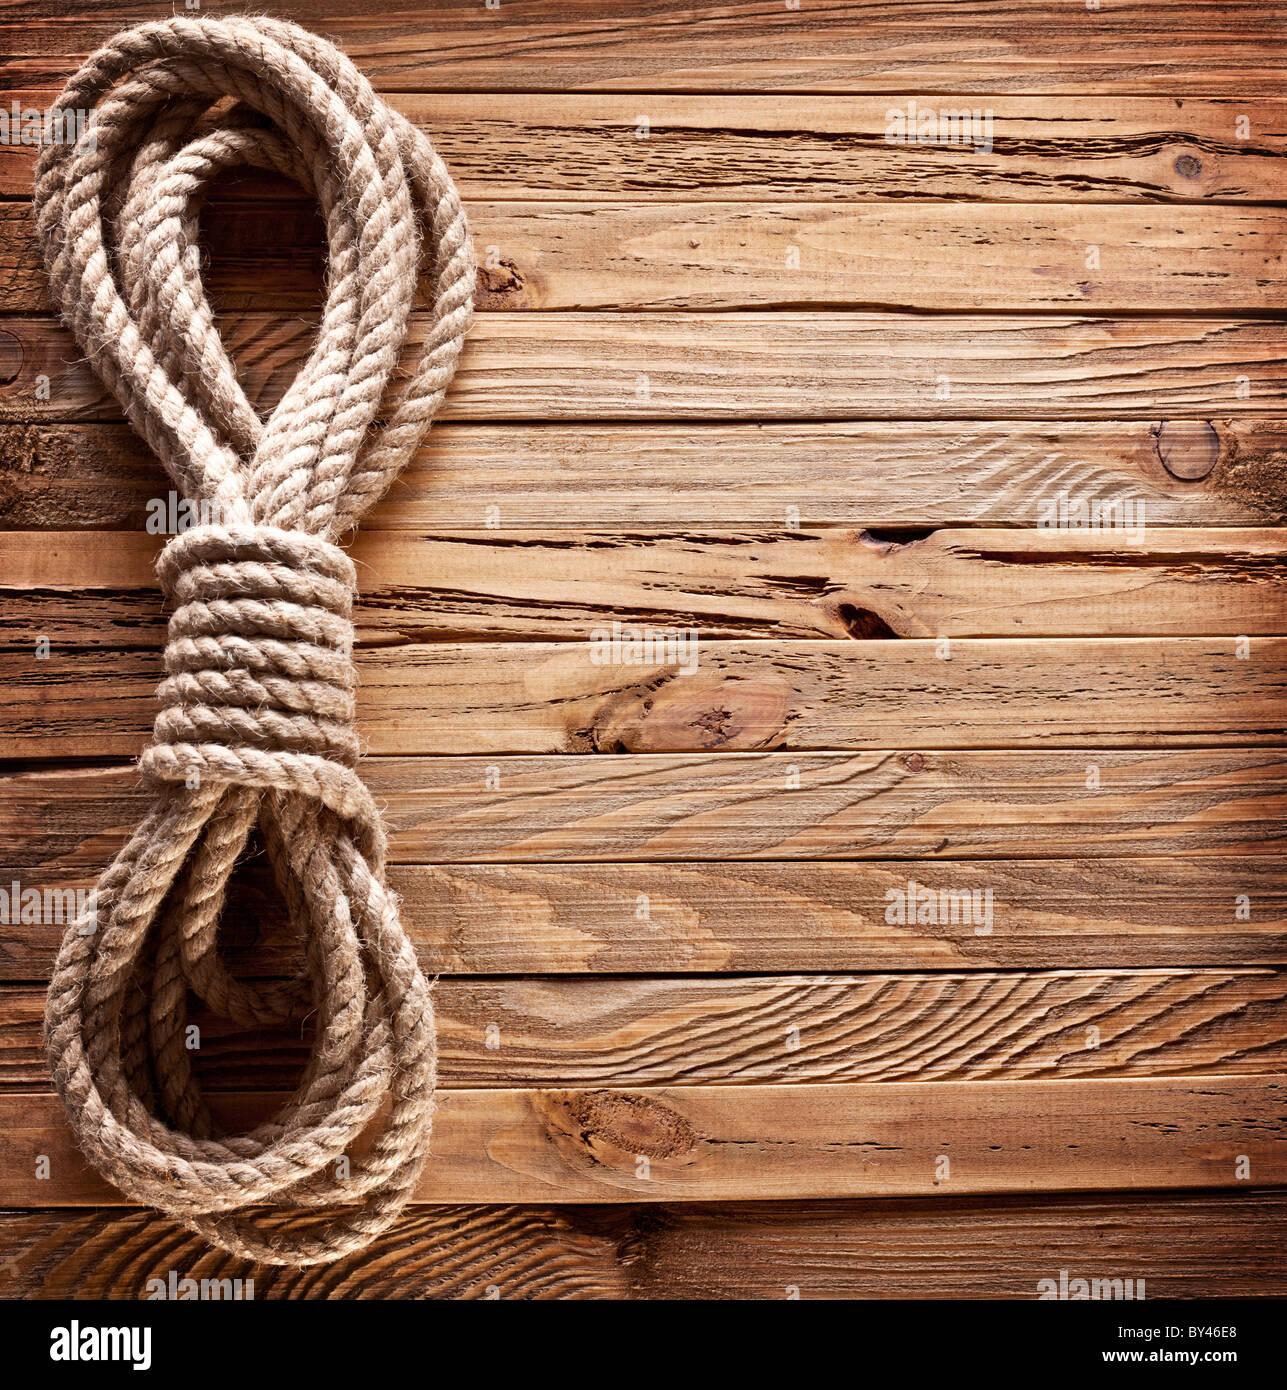 Bild der alten Textur von Holzbrettern mit Schiff Seil. Stockbild